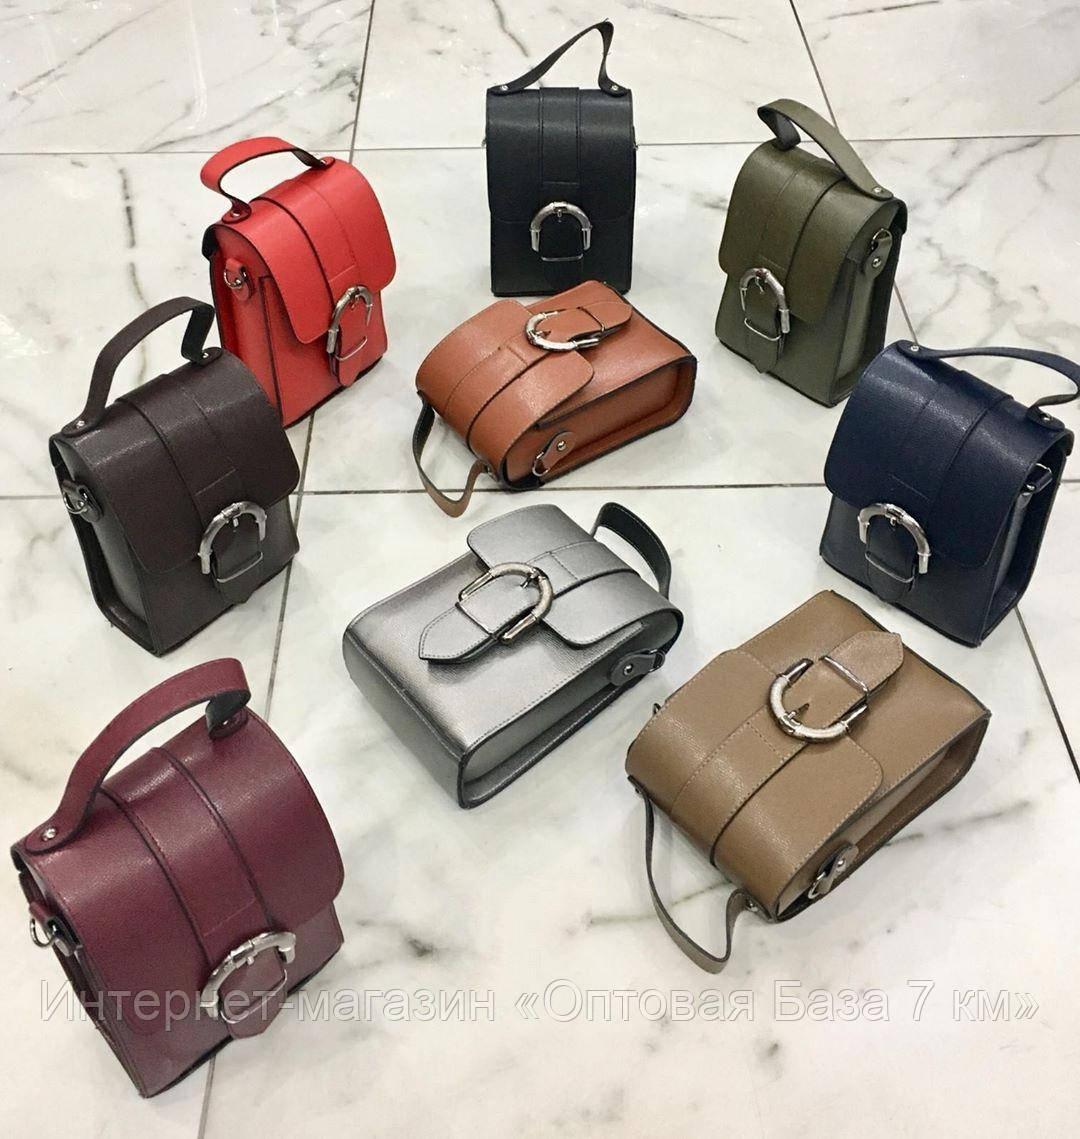 e130f7414d1c Женская сумка (Турция) оптом. Купить женские сумочки и клатчи от «ОПТОВАЯ  БАЗА 7 ...